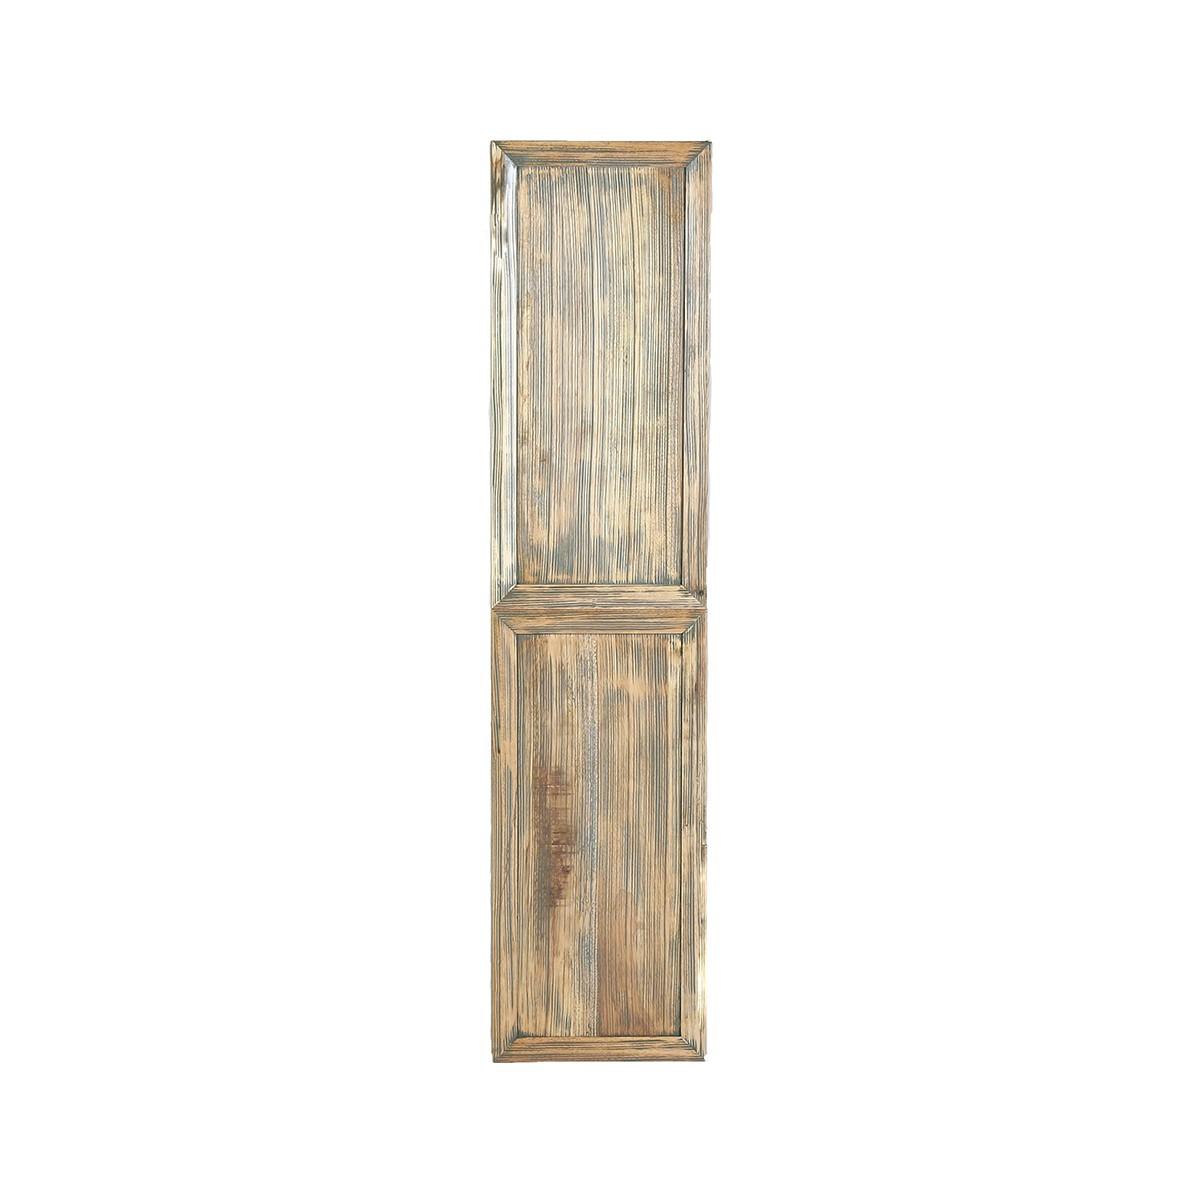 Colonne de salle de bain en bois d'hévéa suspendue